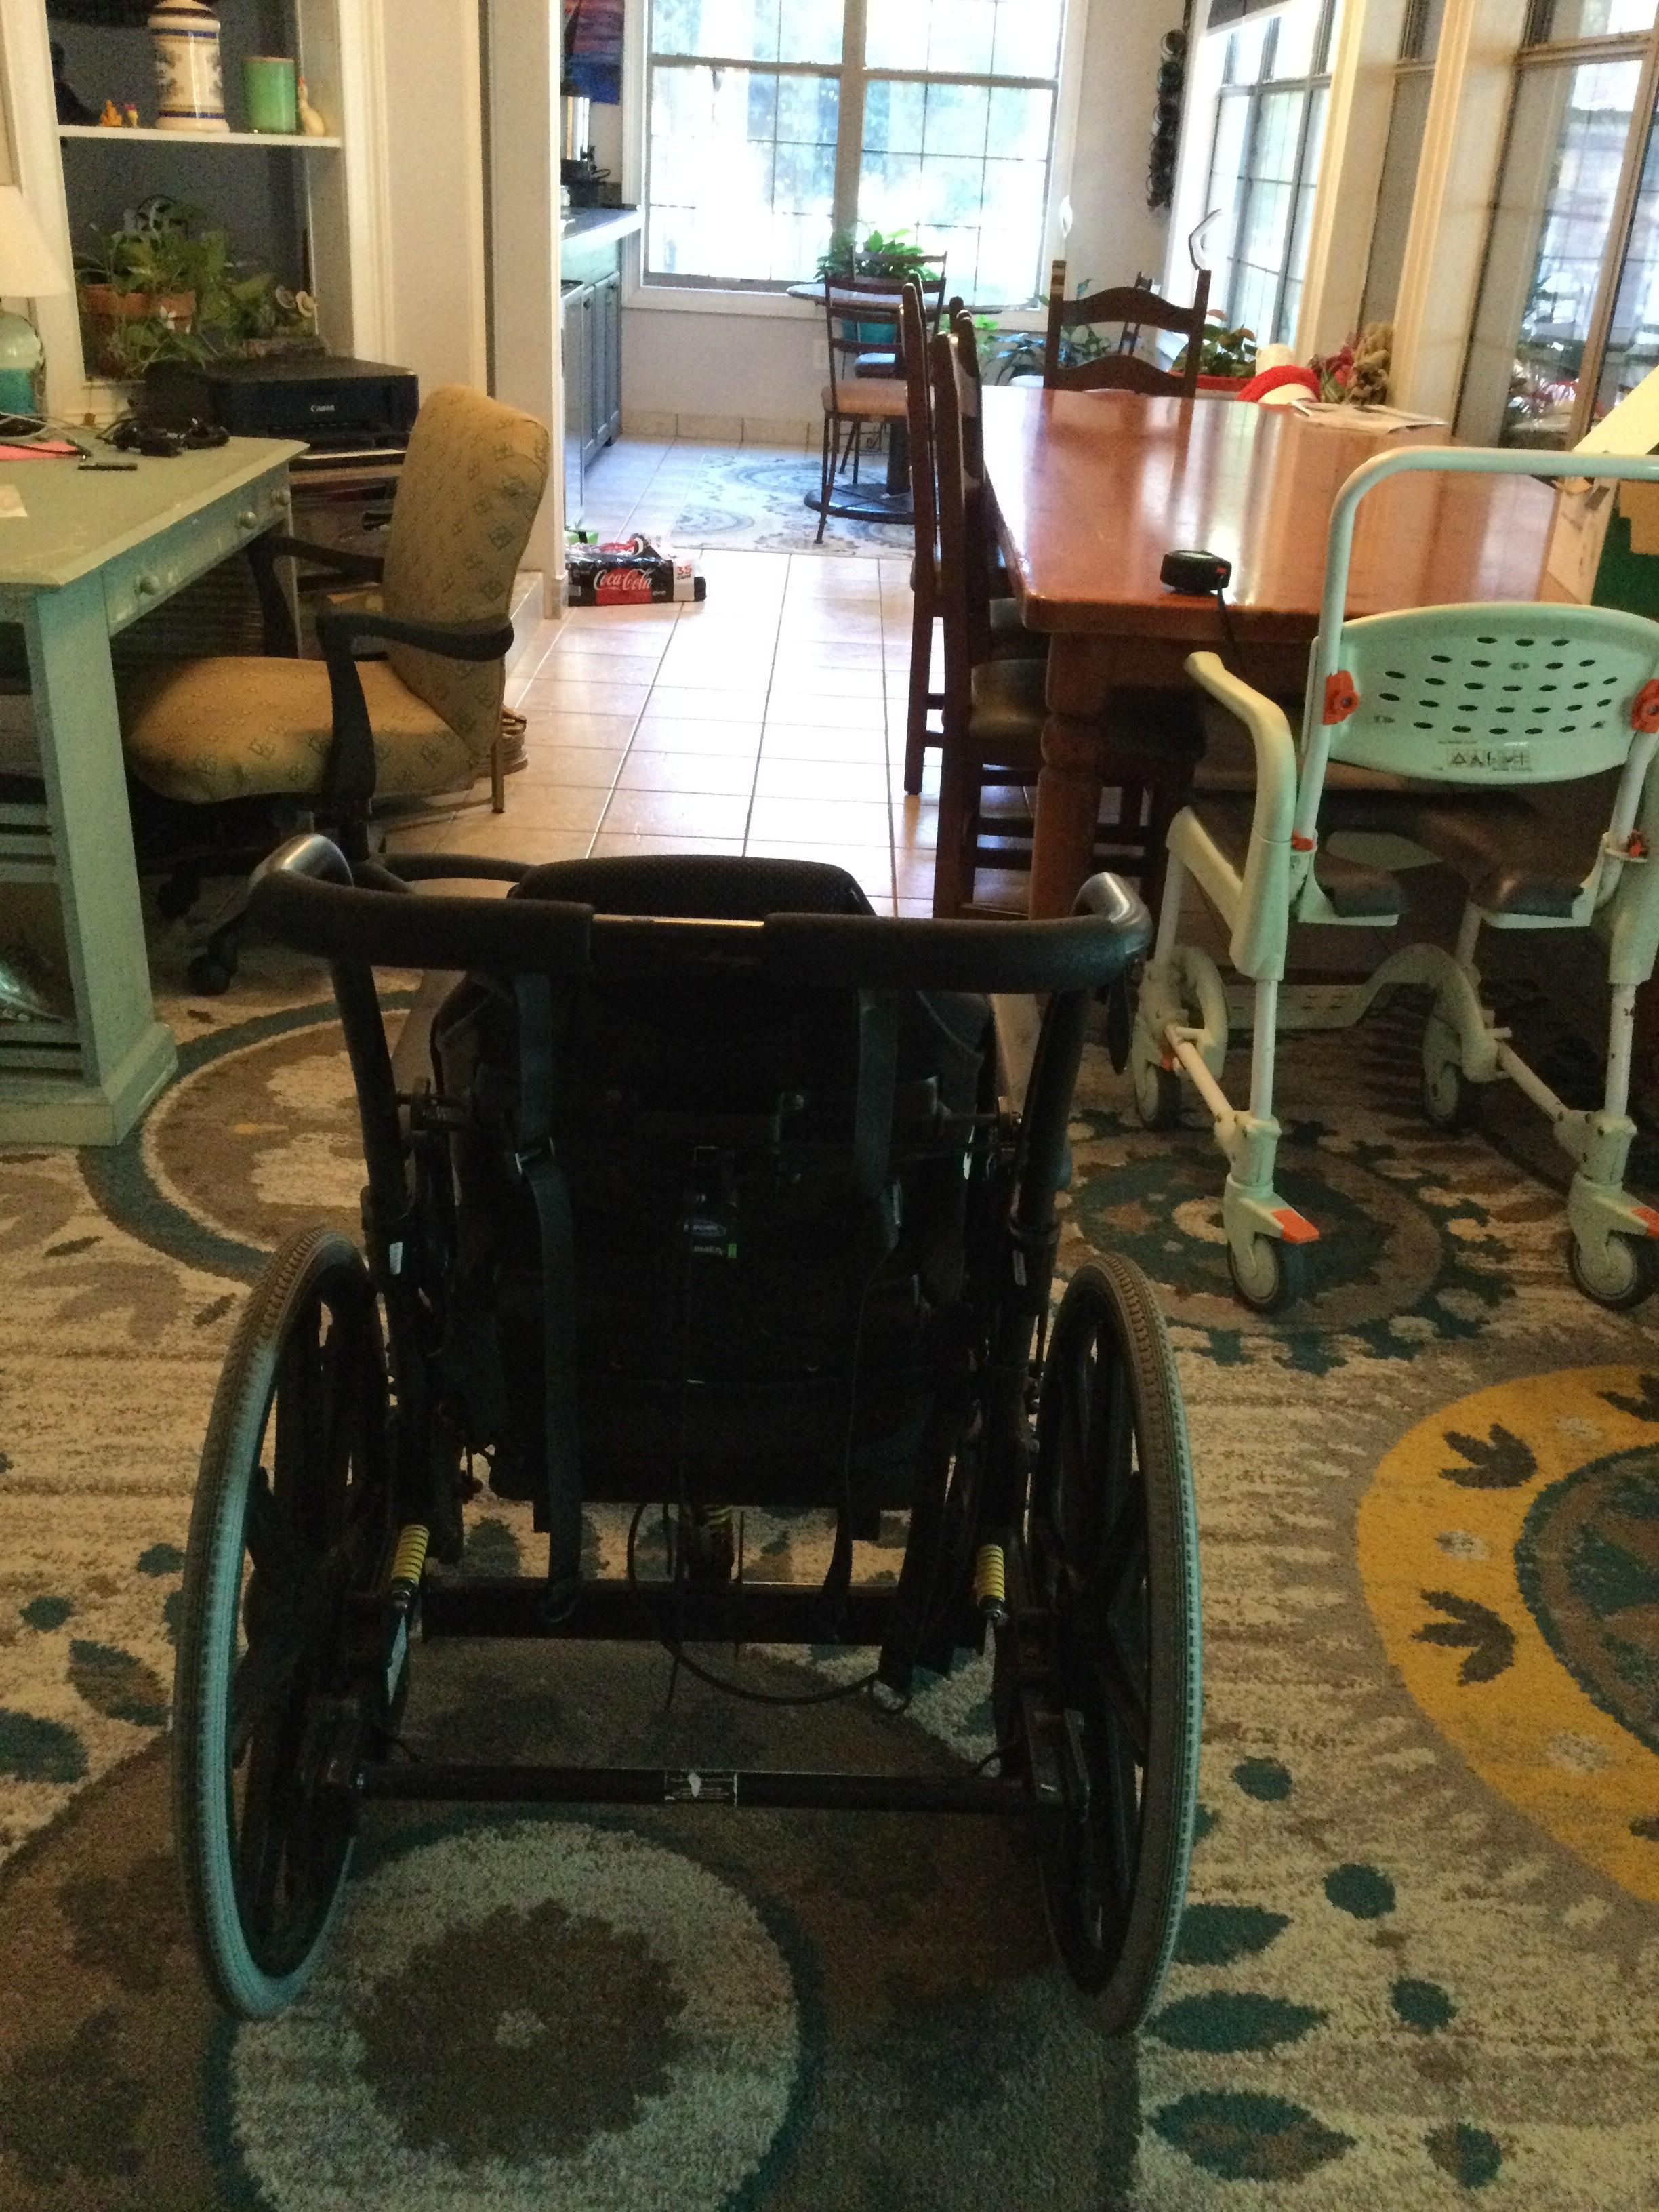 Photo 3 of Bentley Tilt-in-Space Manual Wheelchair